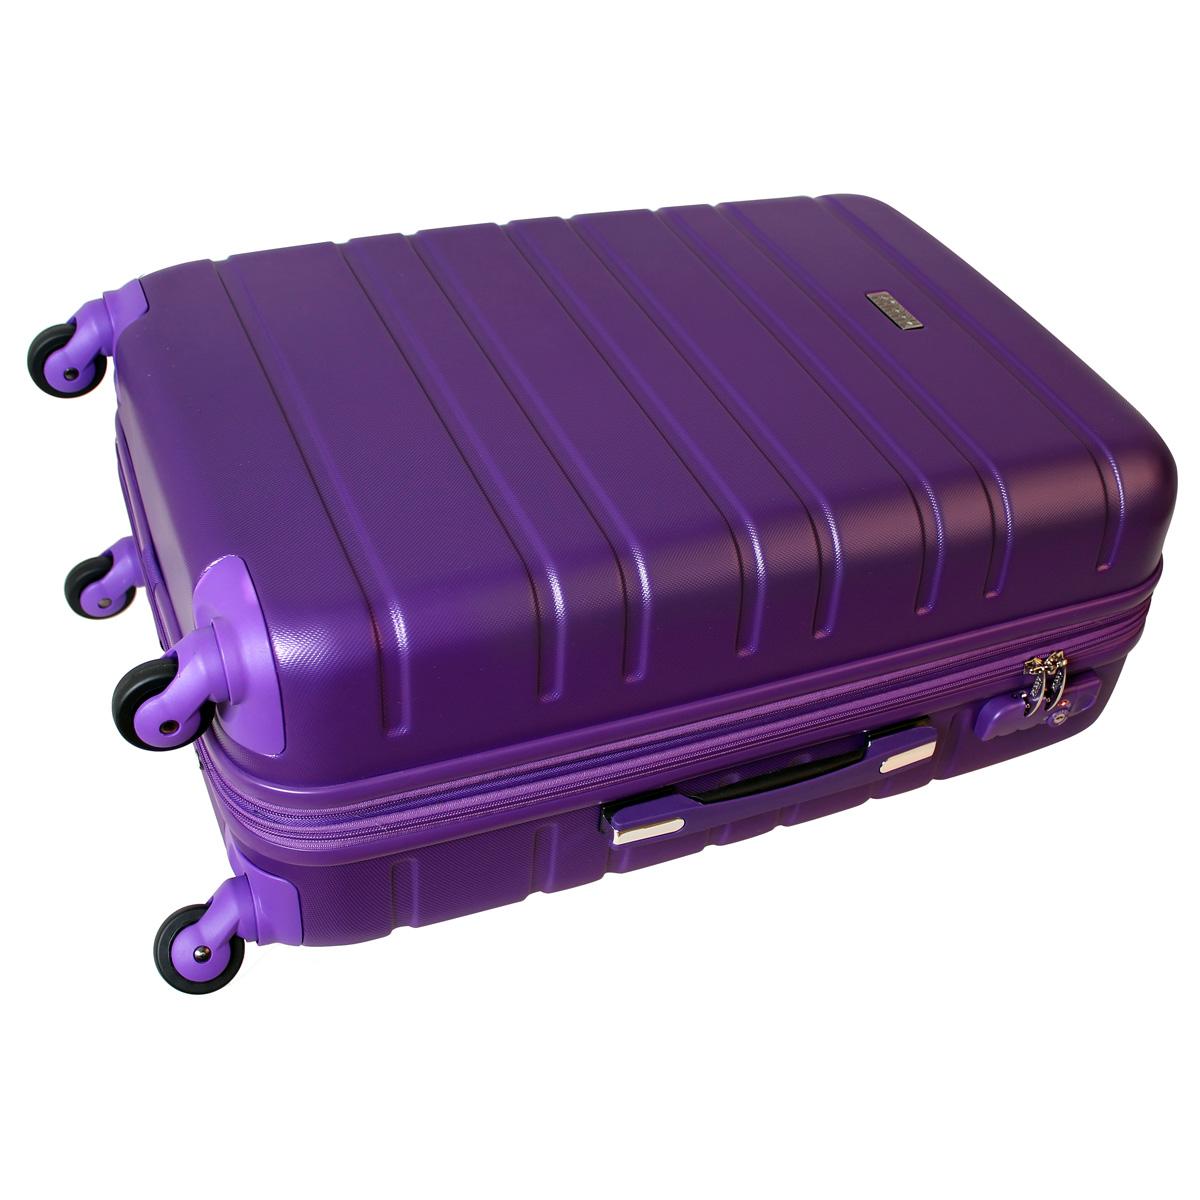 xl hartschalen koffer tsa zahlenschloss reise 80 liter. Black Bedroom Furniture Sets. Home Design Ideas